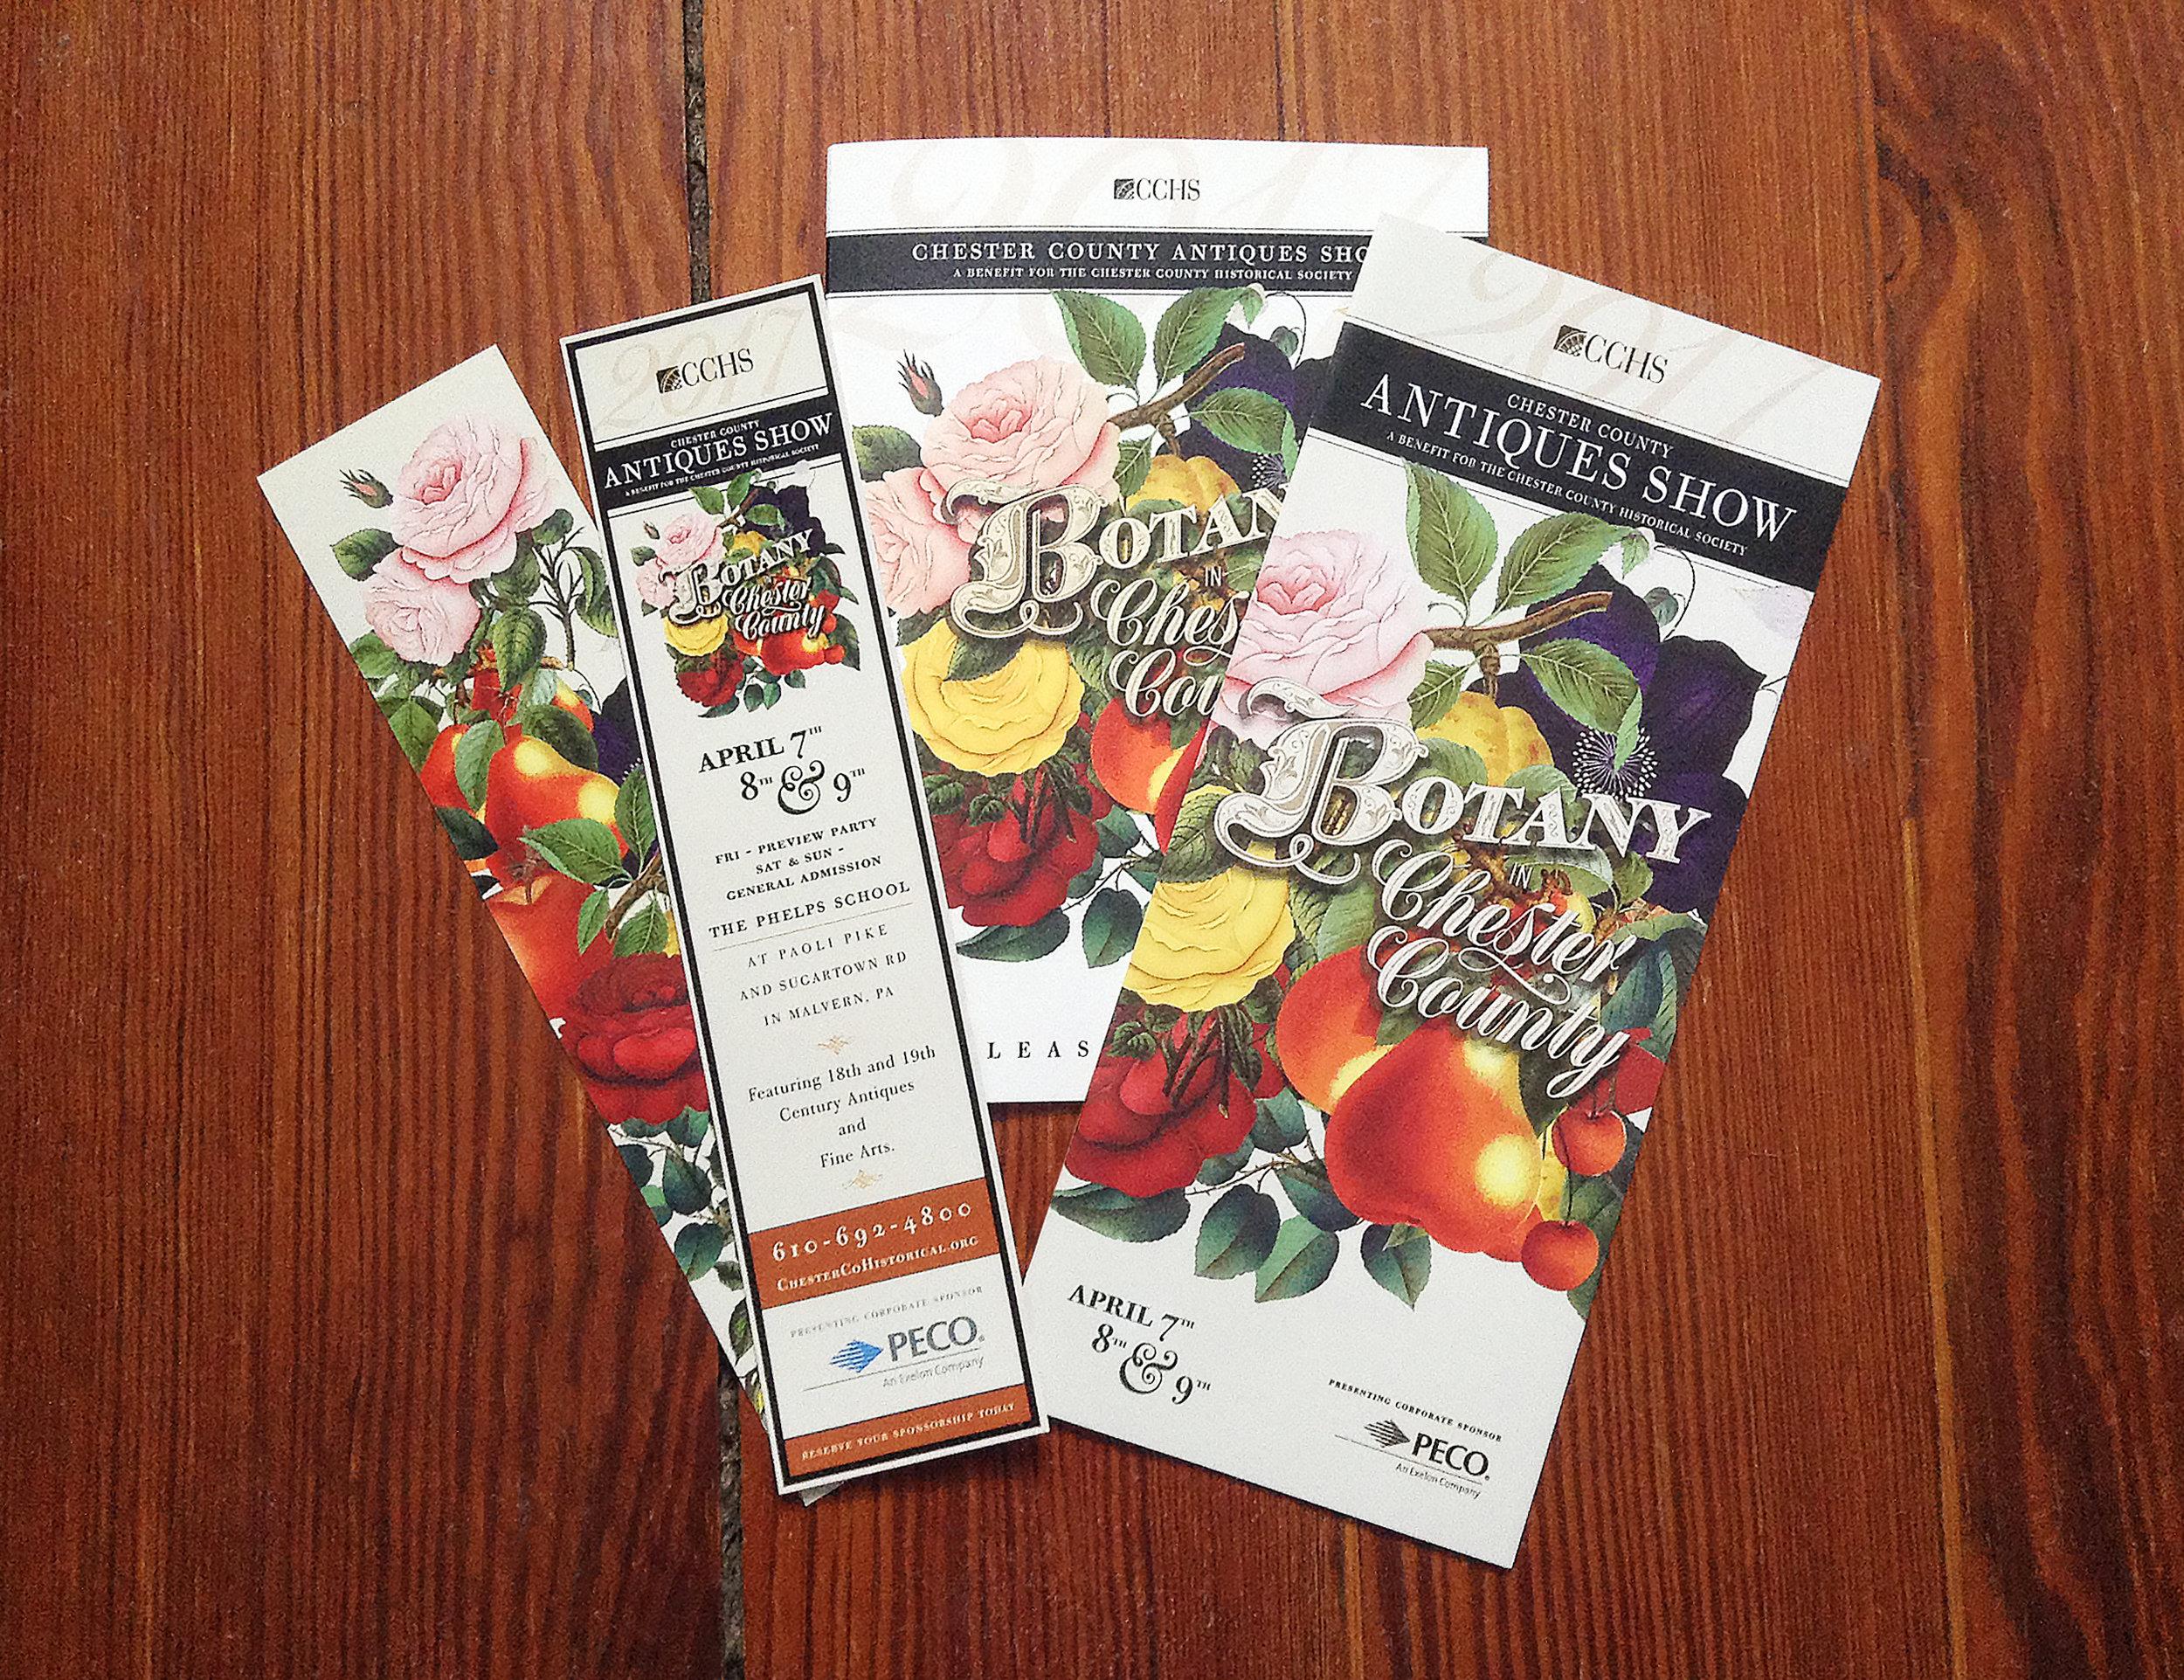 CCHS-Botany-set.jpg